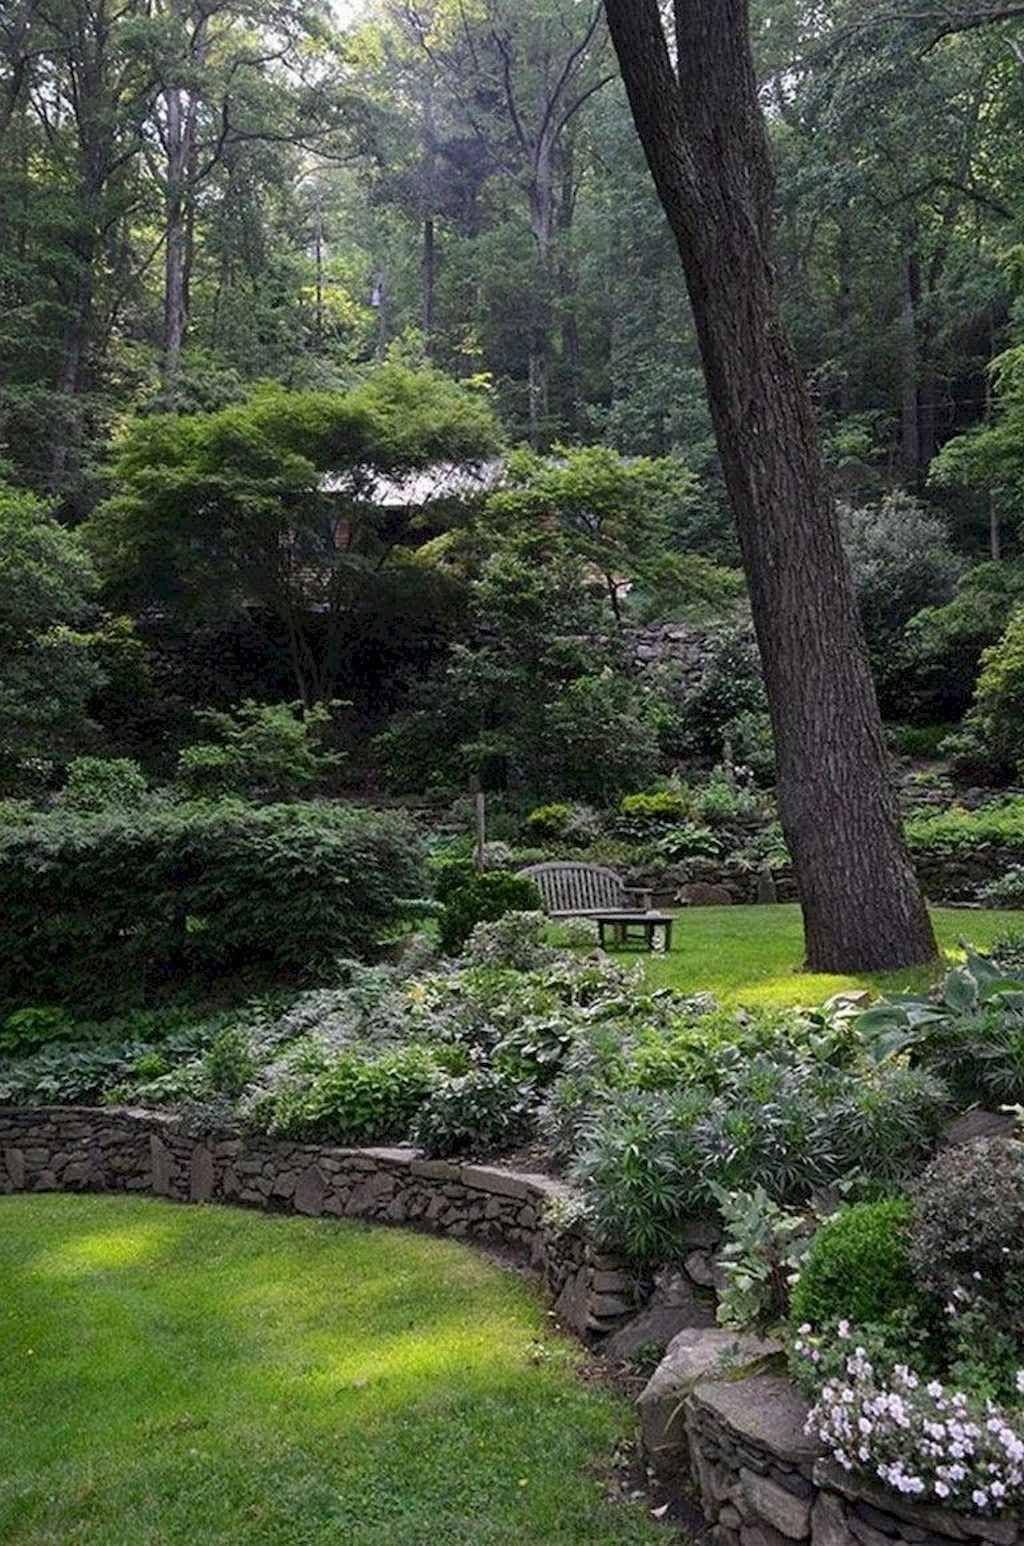 26 Stunning Cottage Garden Ideas For Front Yard Inspiration Garden In The Woods Garden Inspiration Outdoor Gardens